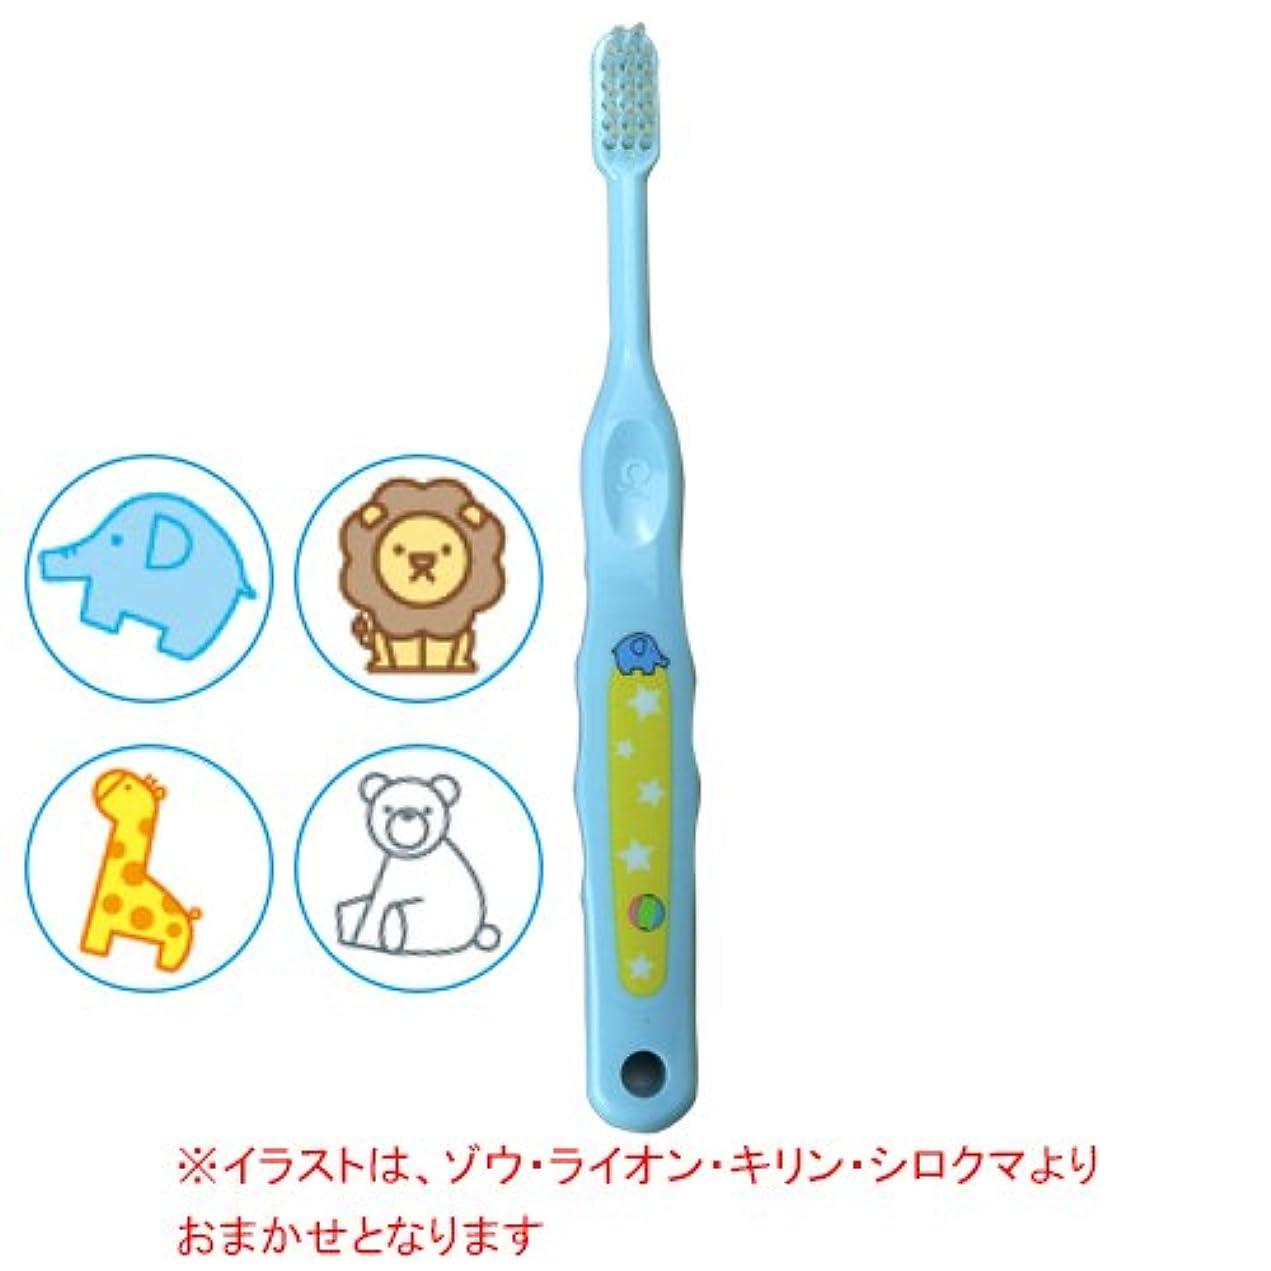 予見するビン鳩Ciメディカル Ci なまえ歯ブラシ 503 (やわらかめ) (乳児から小学生向)1本 (ブルー)